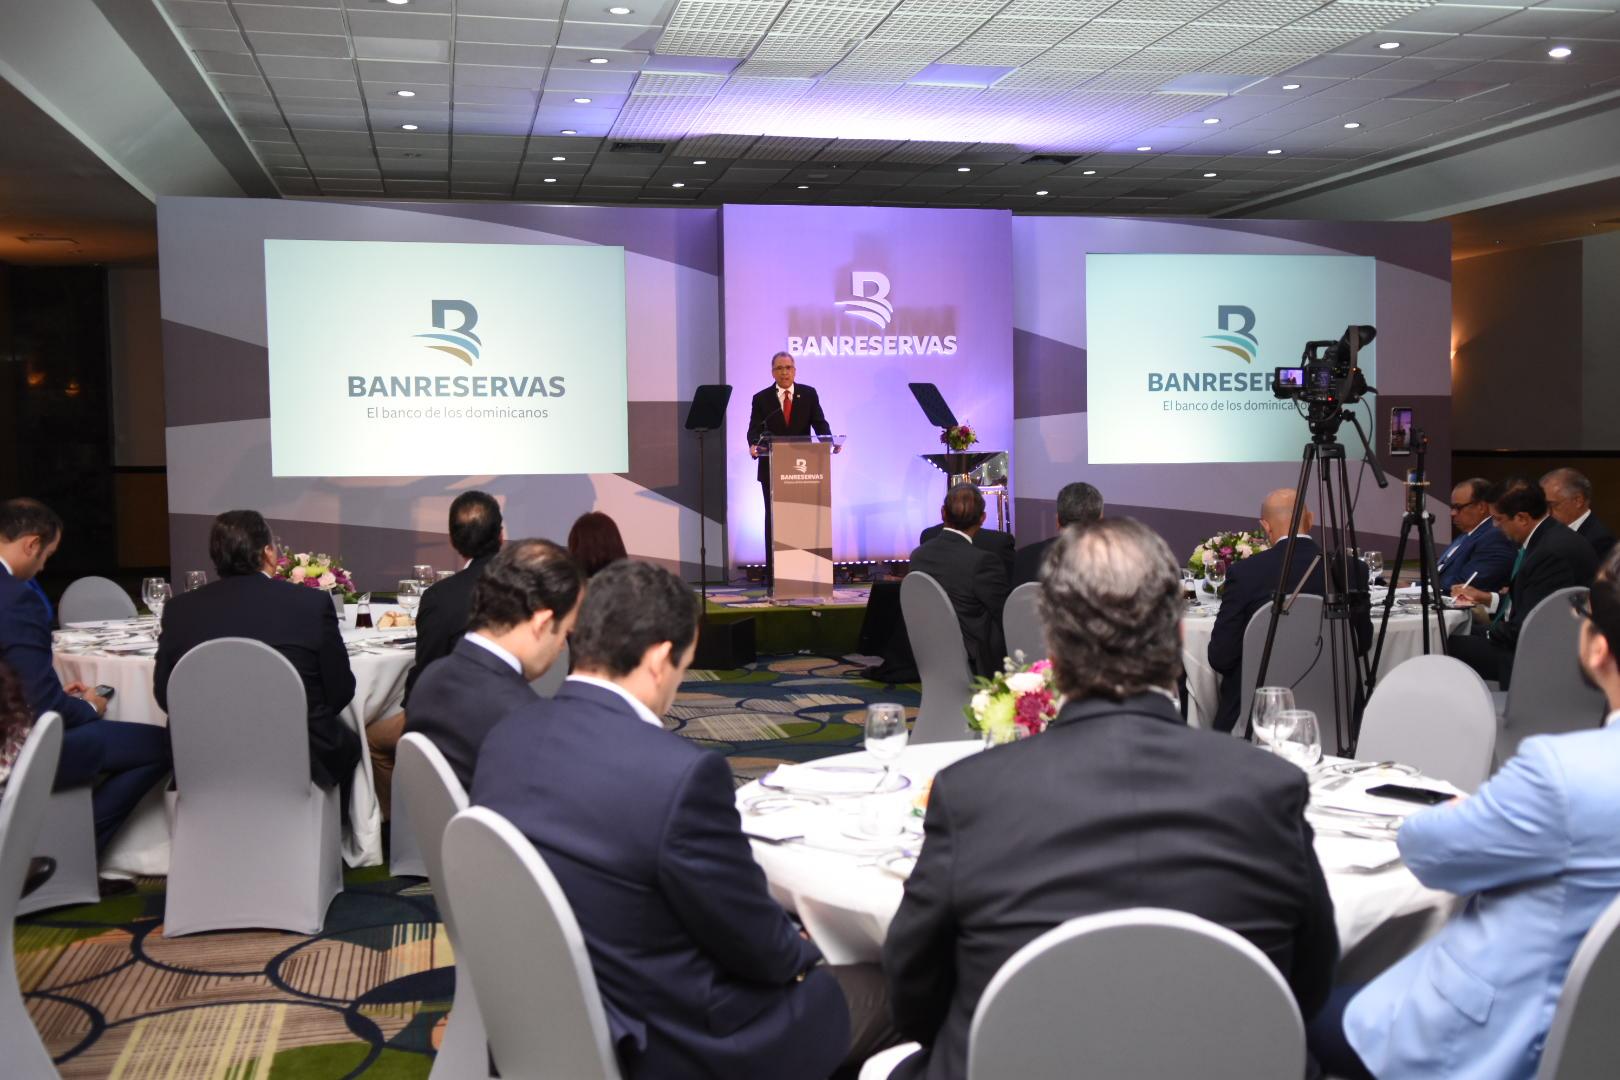 Ponderan medidas de ciberseguridad adoptadas por el Estado y la banca